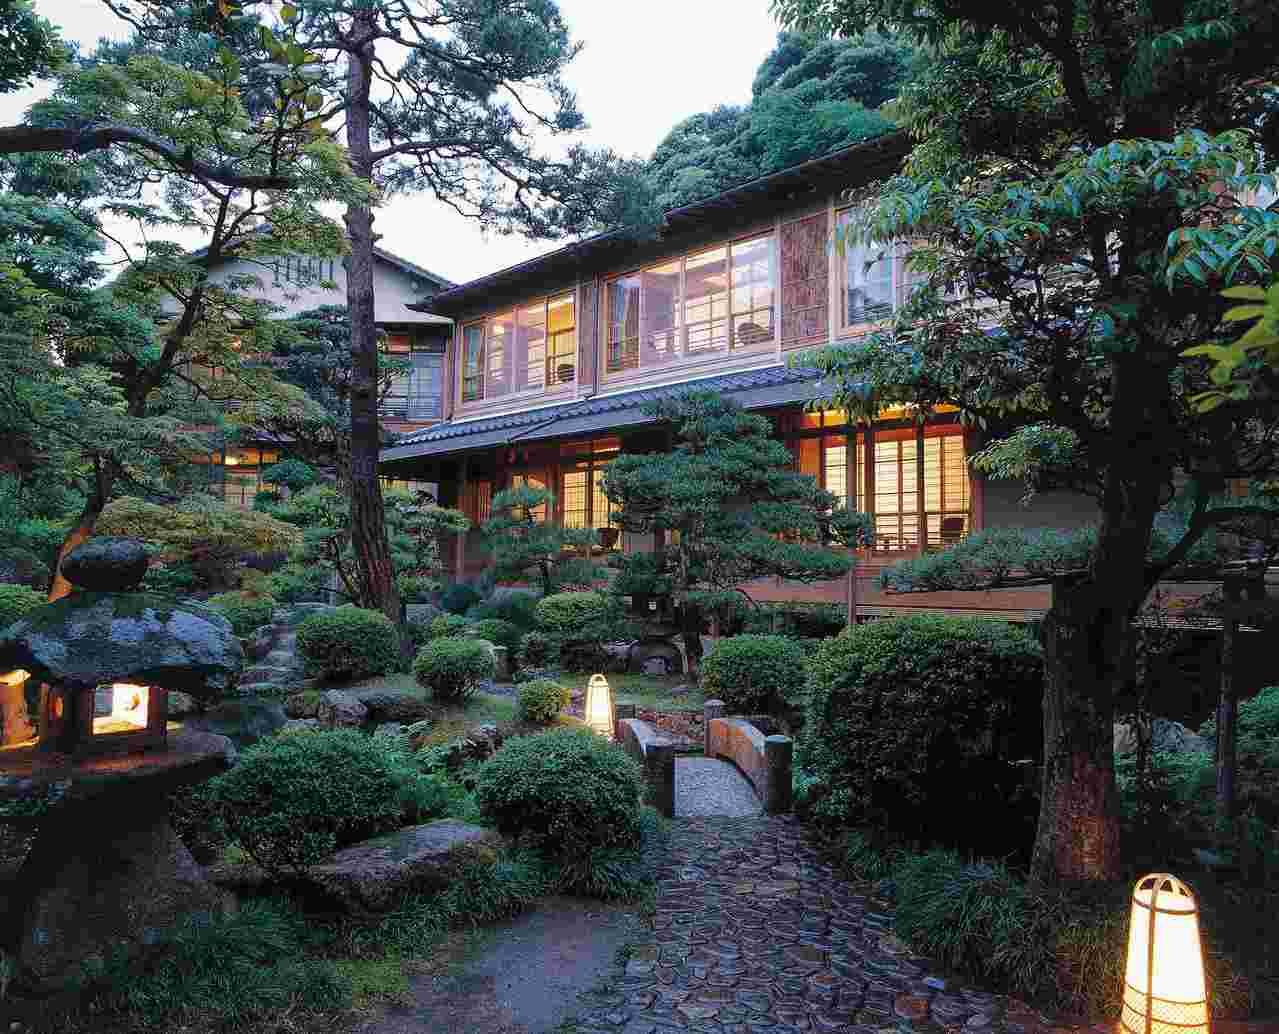 「西村屋本館」被包圍在日式庭園之中,館內的浴池皆以傳統日式木桶為設計。 圖/Bo...